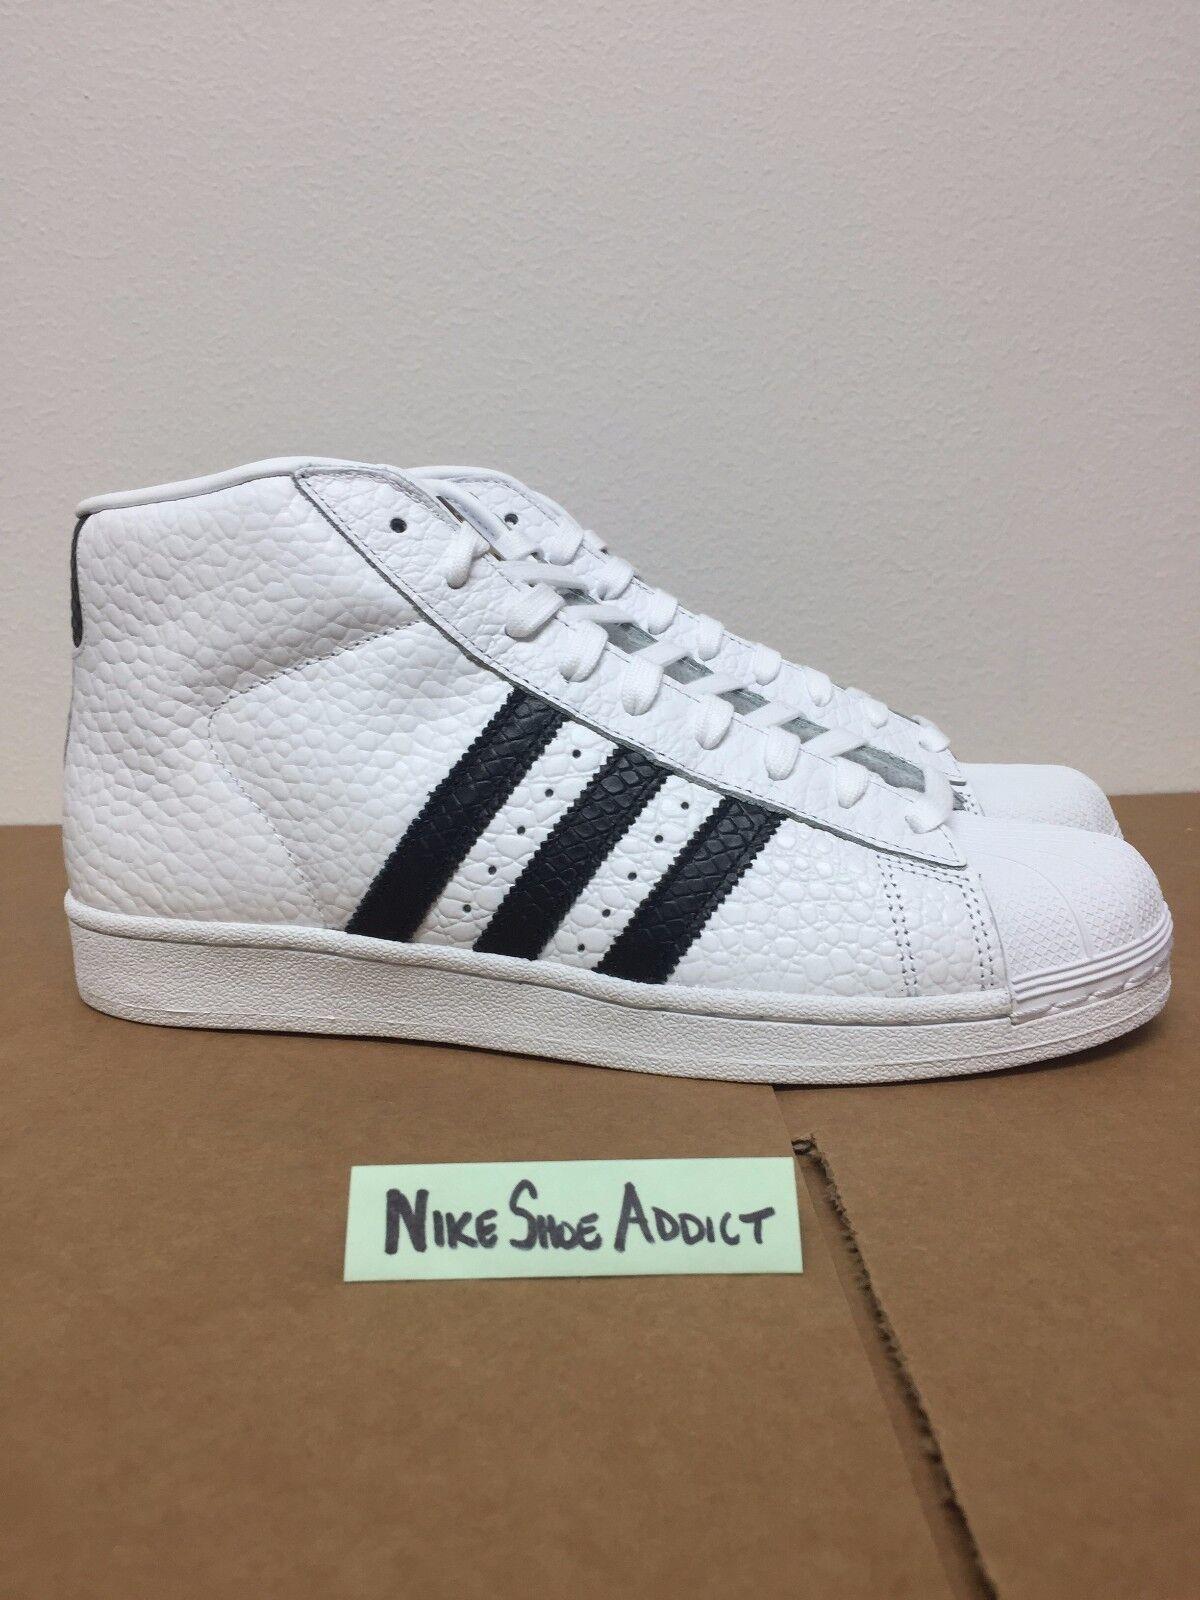 Adidas pro model tier weiß / schwarz / die gold s75068 originale shell die / superstar - 6a93d6